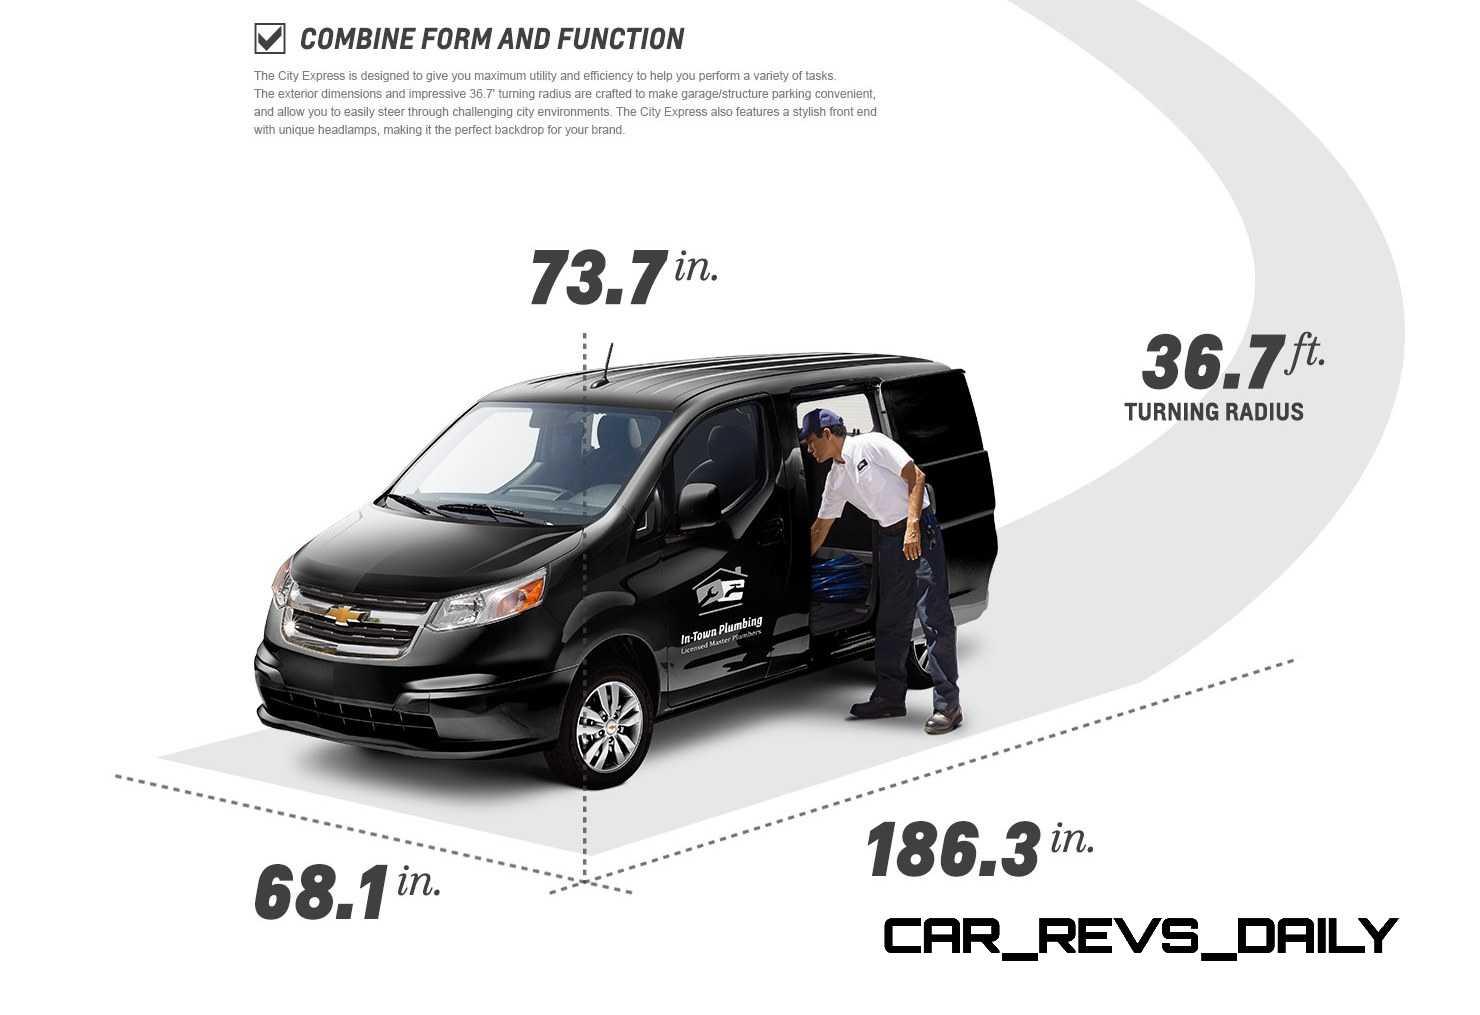 2015 Chevrolet City Express Small Van Mo Exterior 1480x1300